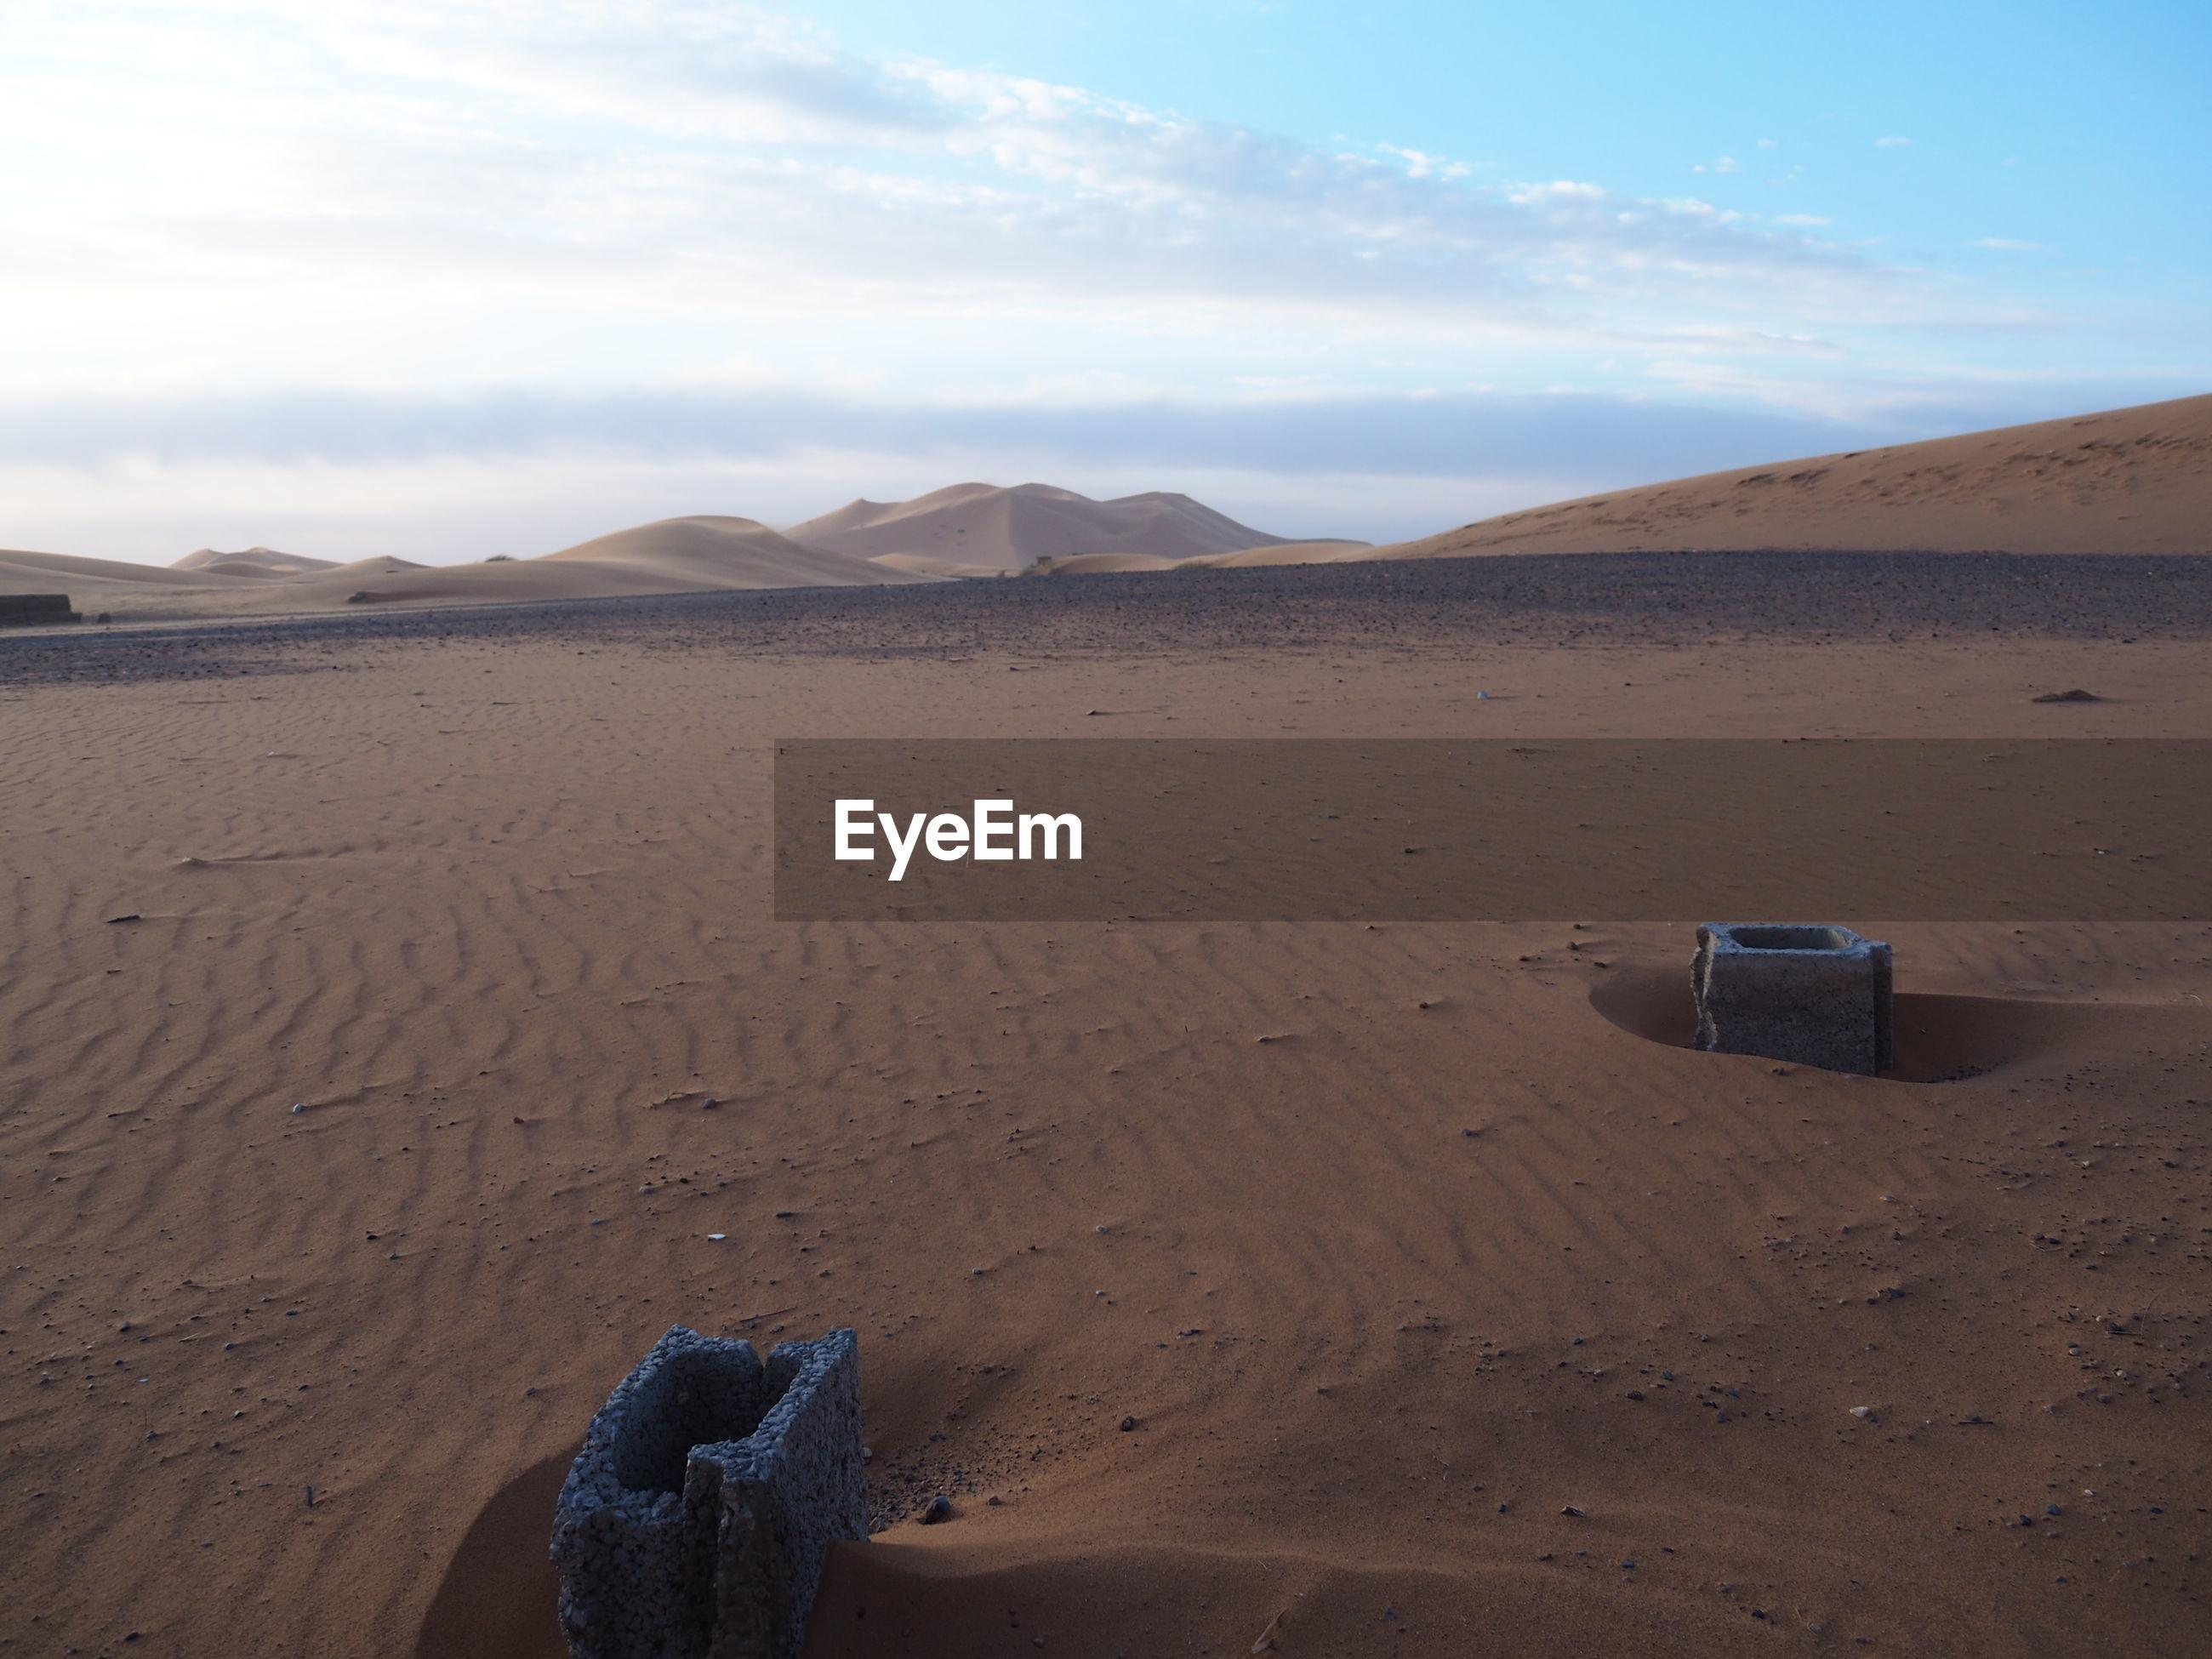 SCENIC VIEW OF SAND DUNE ON DESERT AGAINST SKY